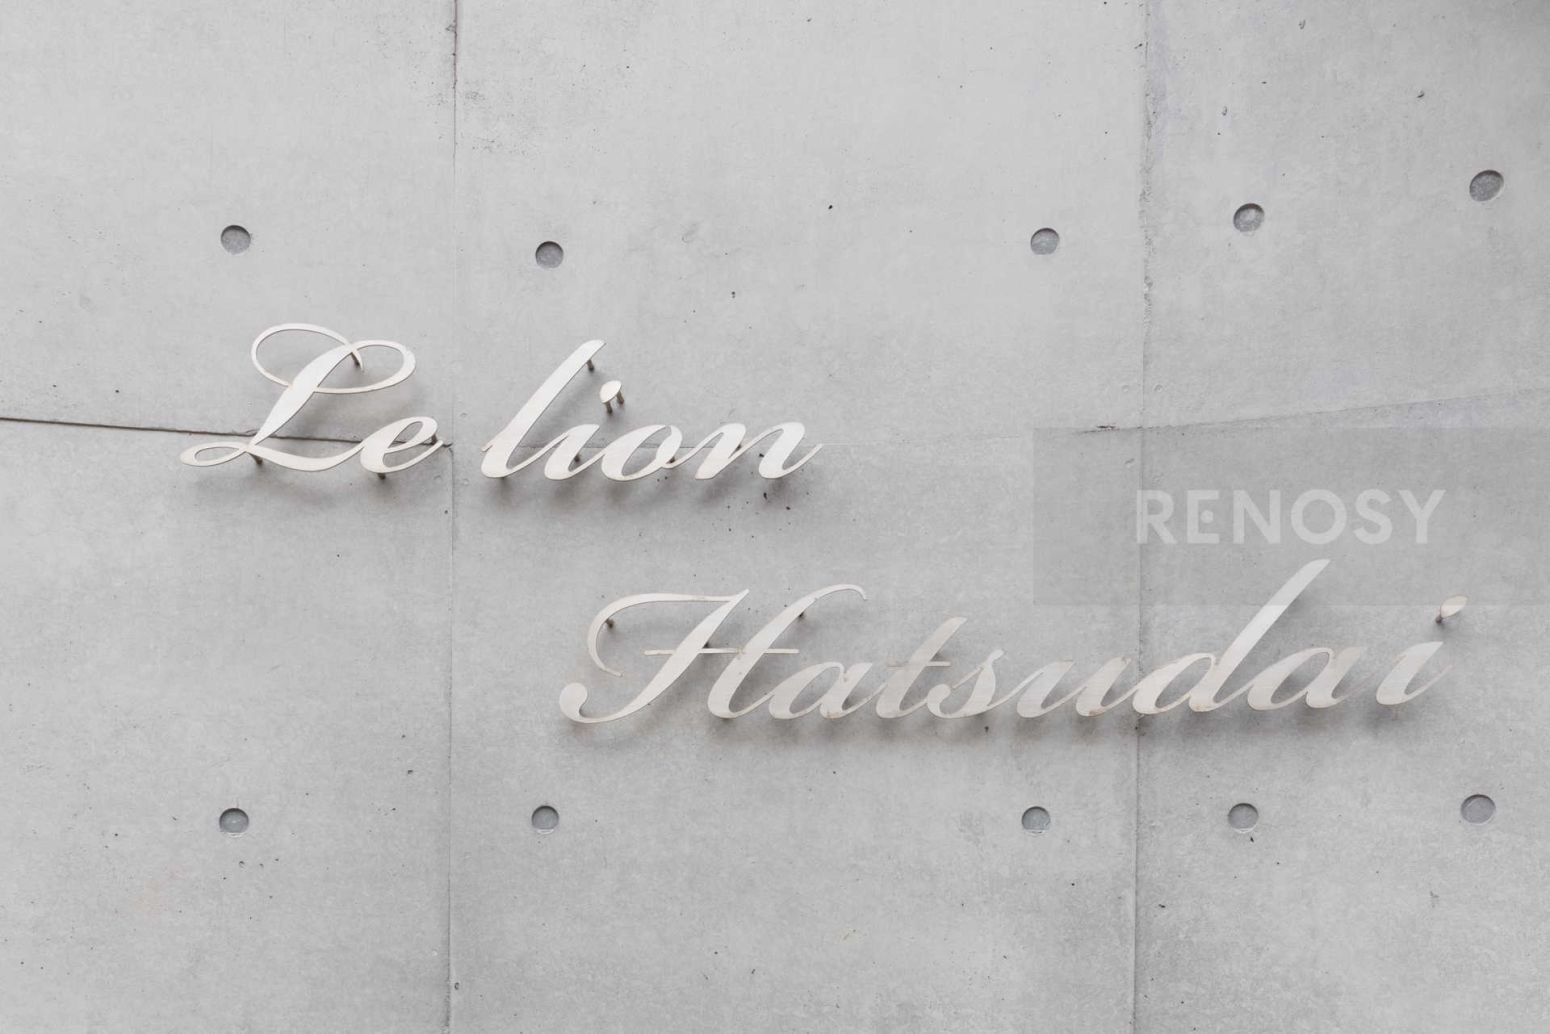 Le-lion初台